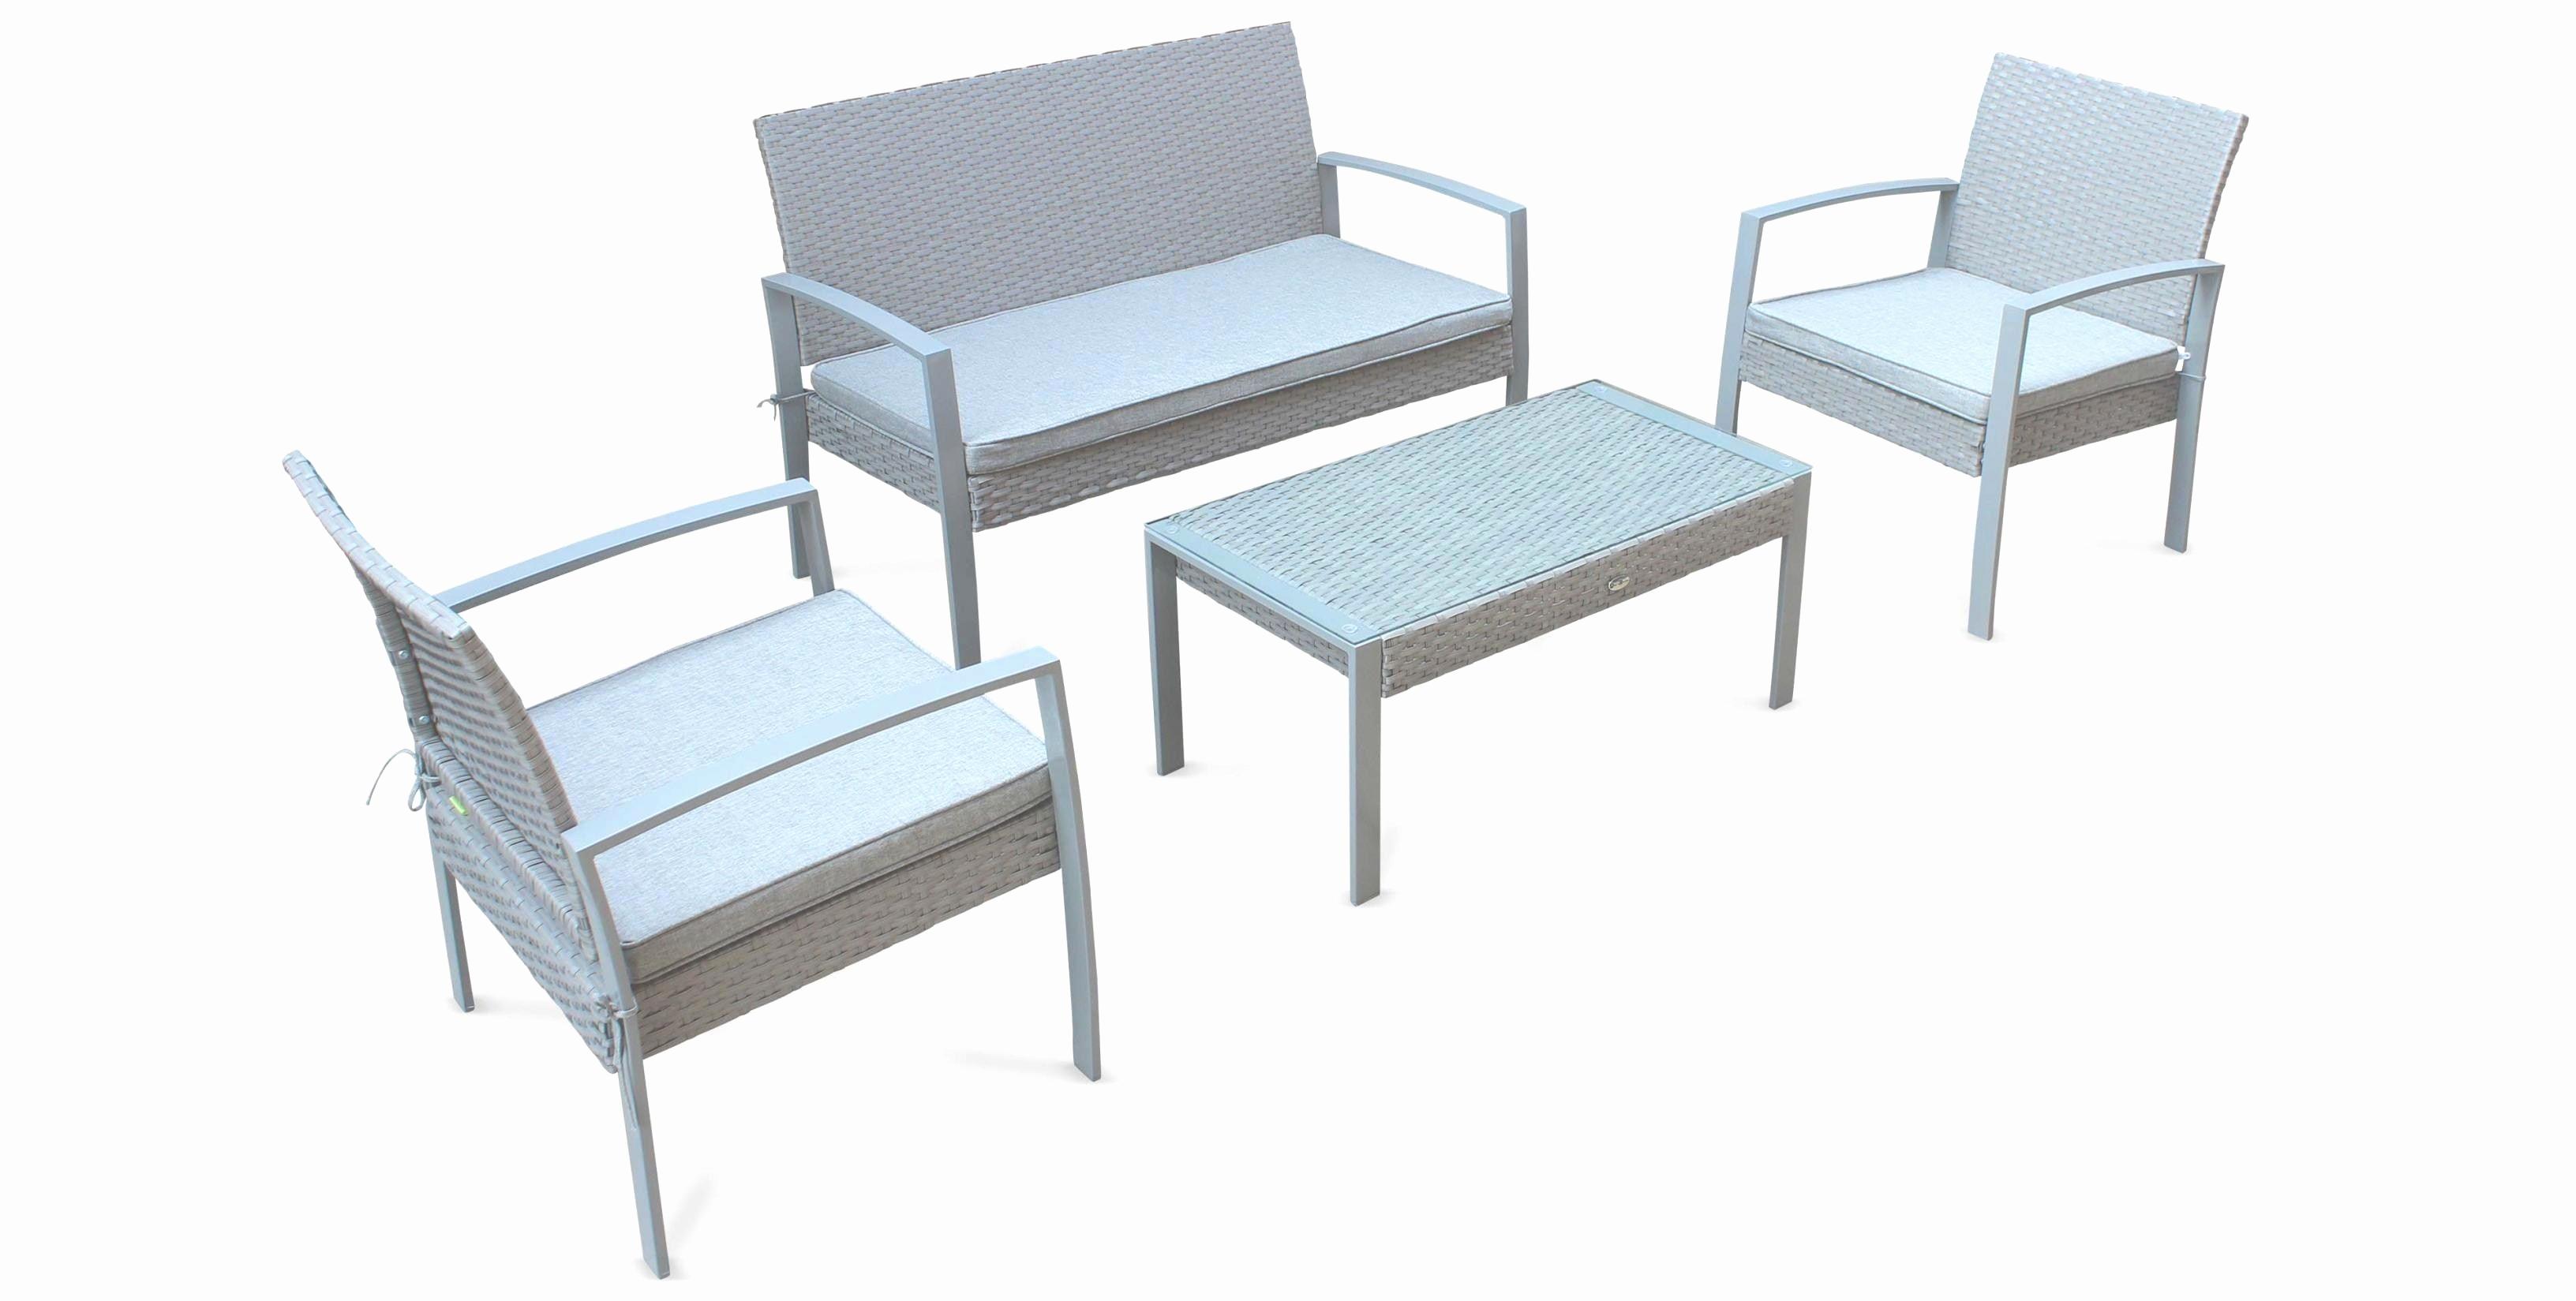 Salon De Jardin Rona Carrefour | Rona Outdoor Patio Furniture Ivoiregion